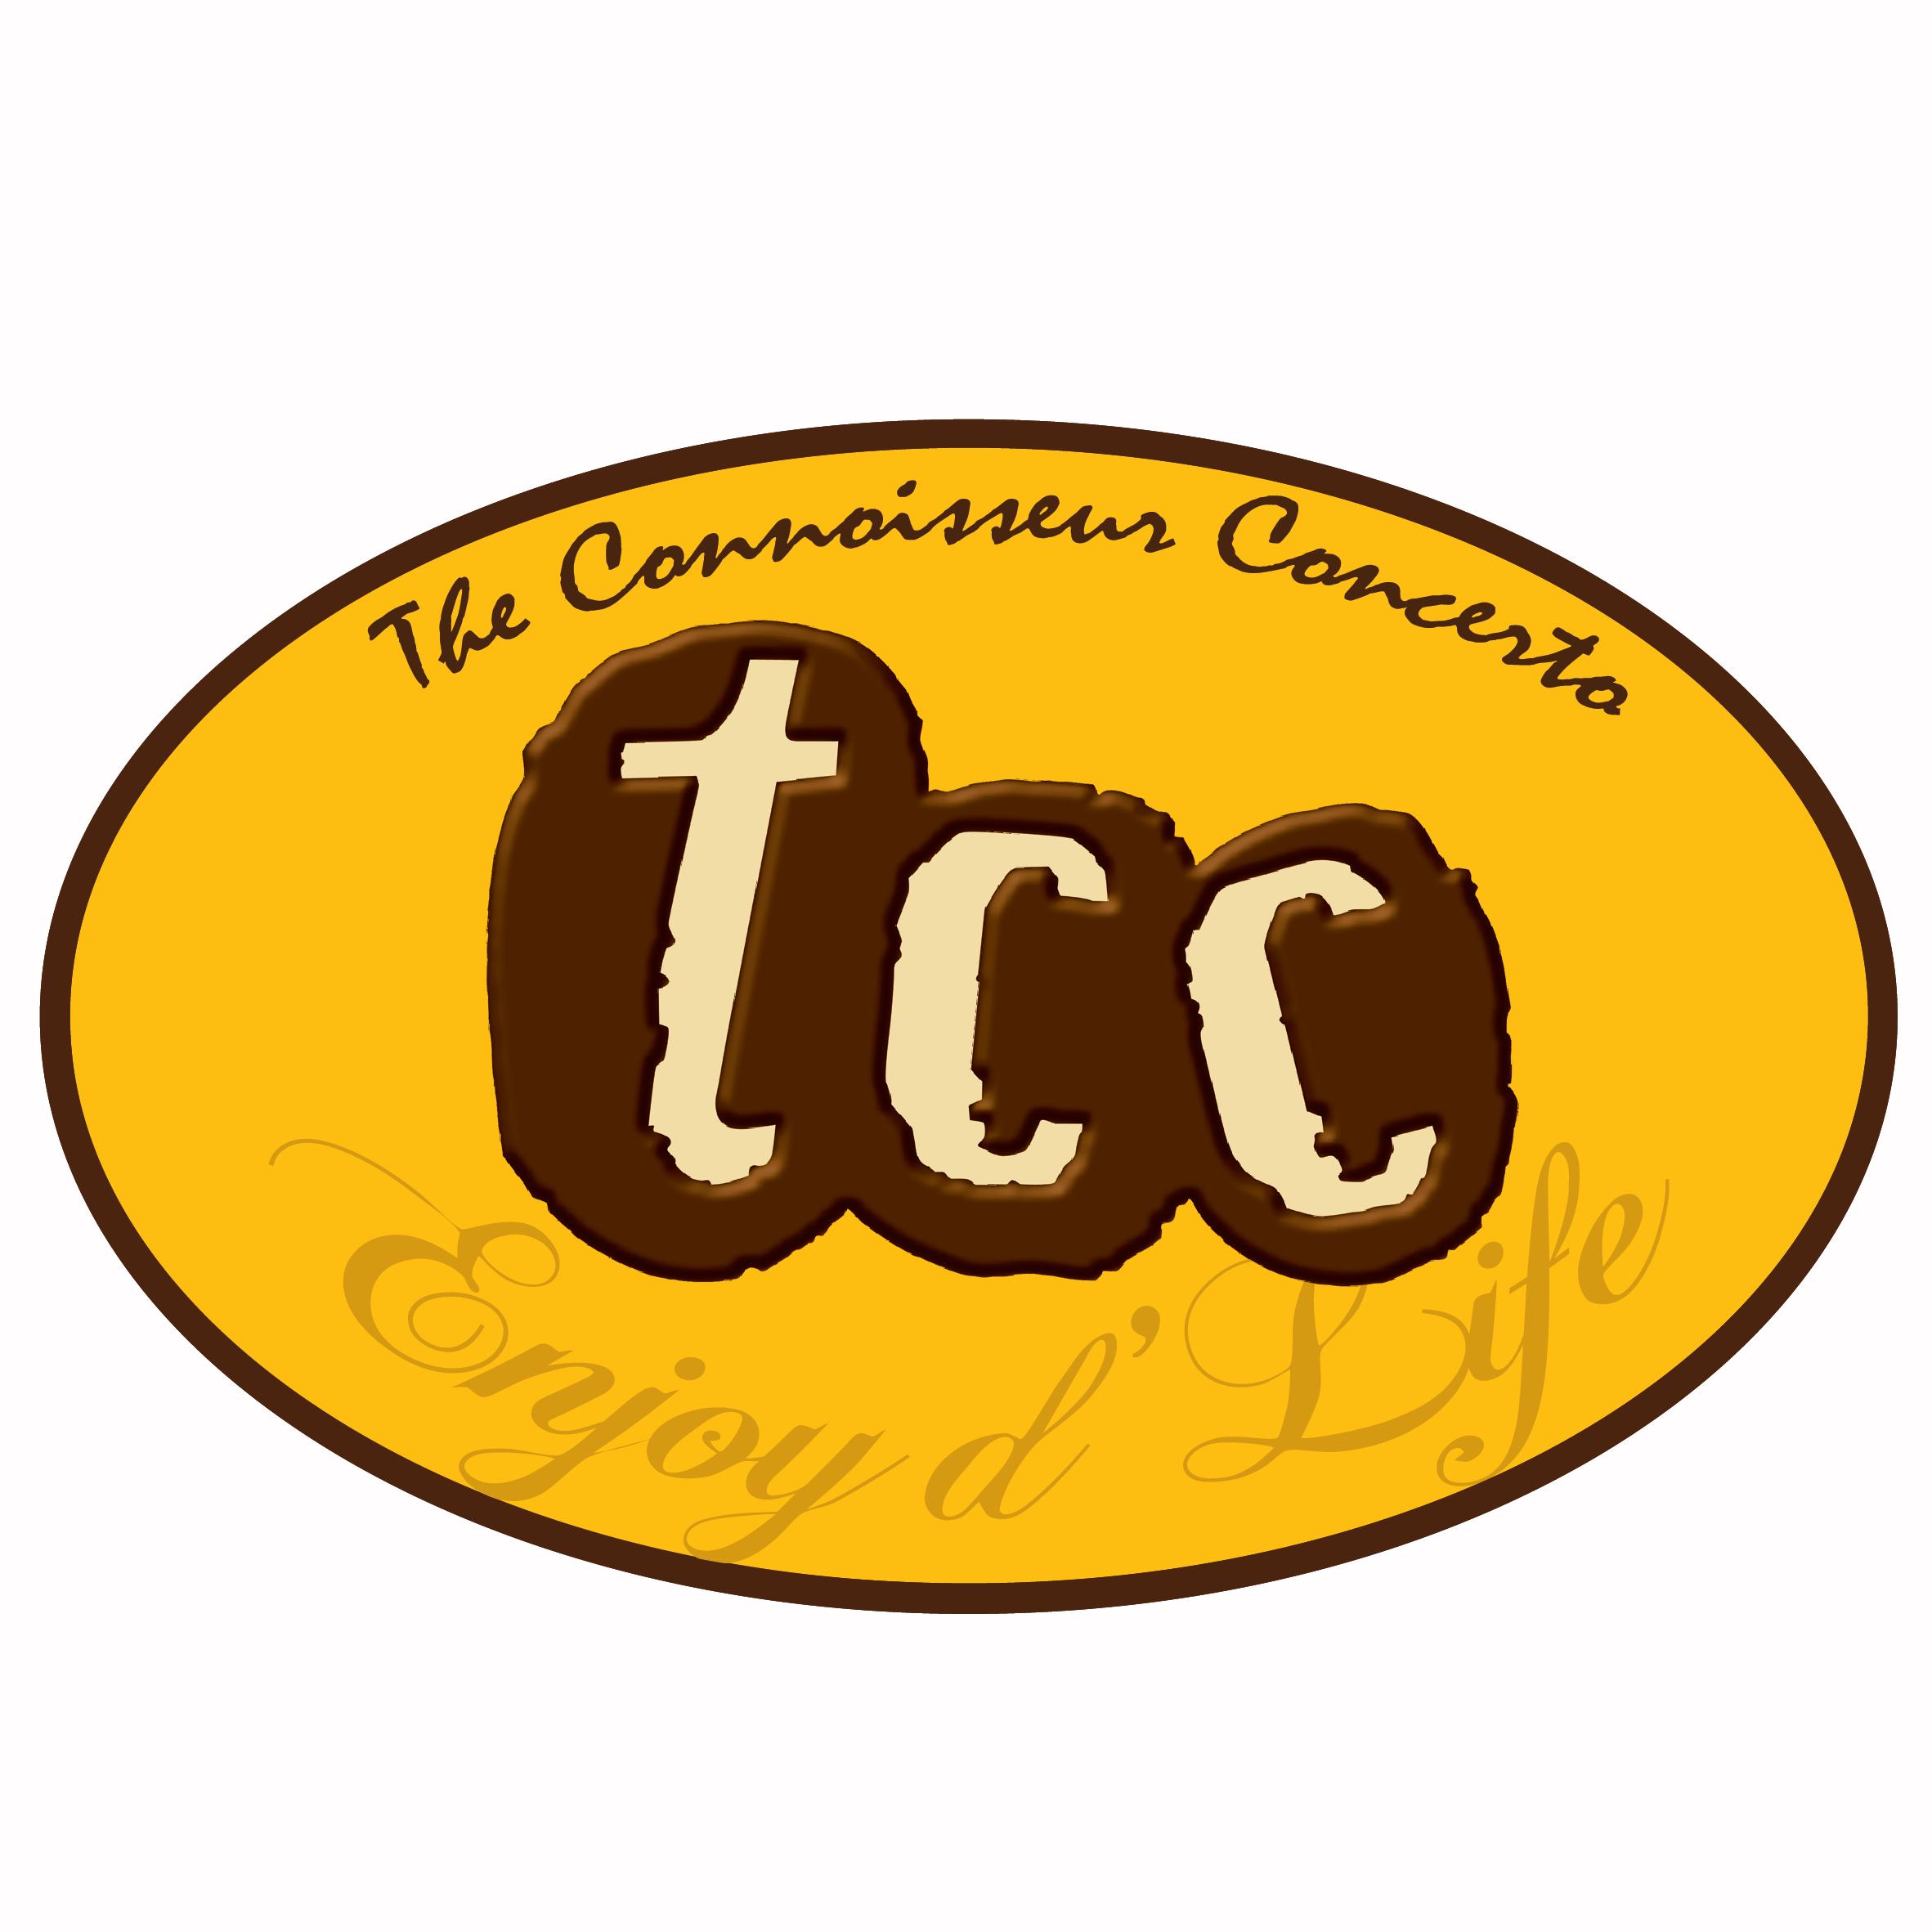 $50 Cash Voucher at tcc - The Connoisseur Concerto - Get Deals, Cashback and Rewards with ShopBack GO